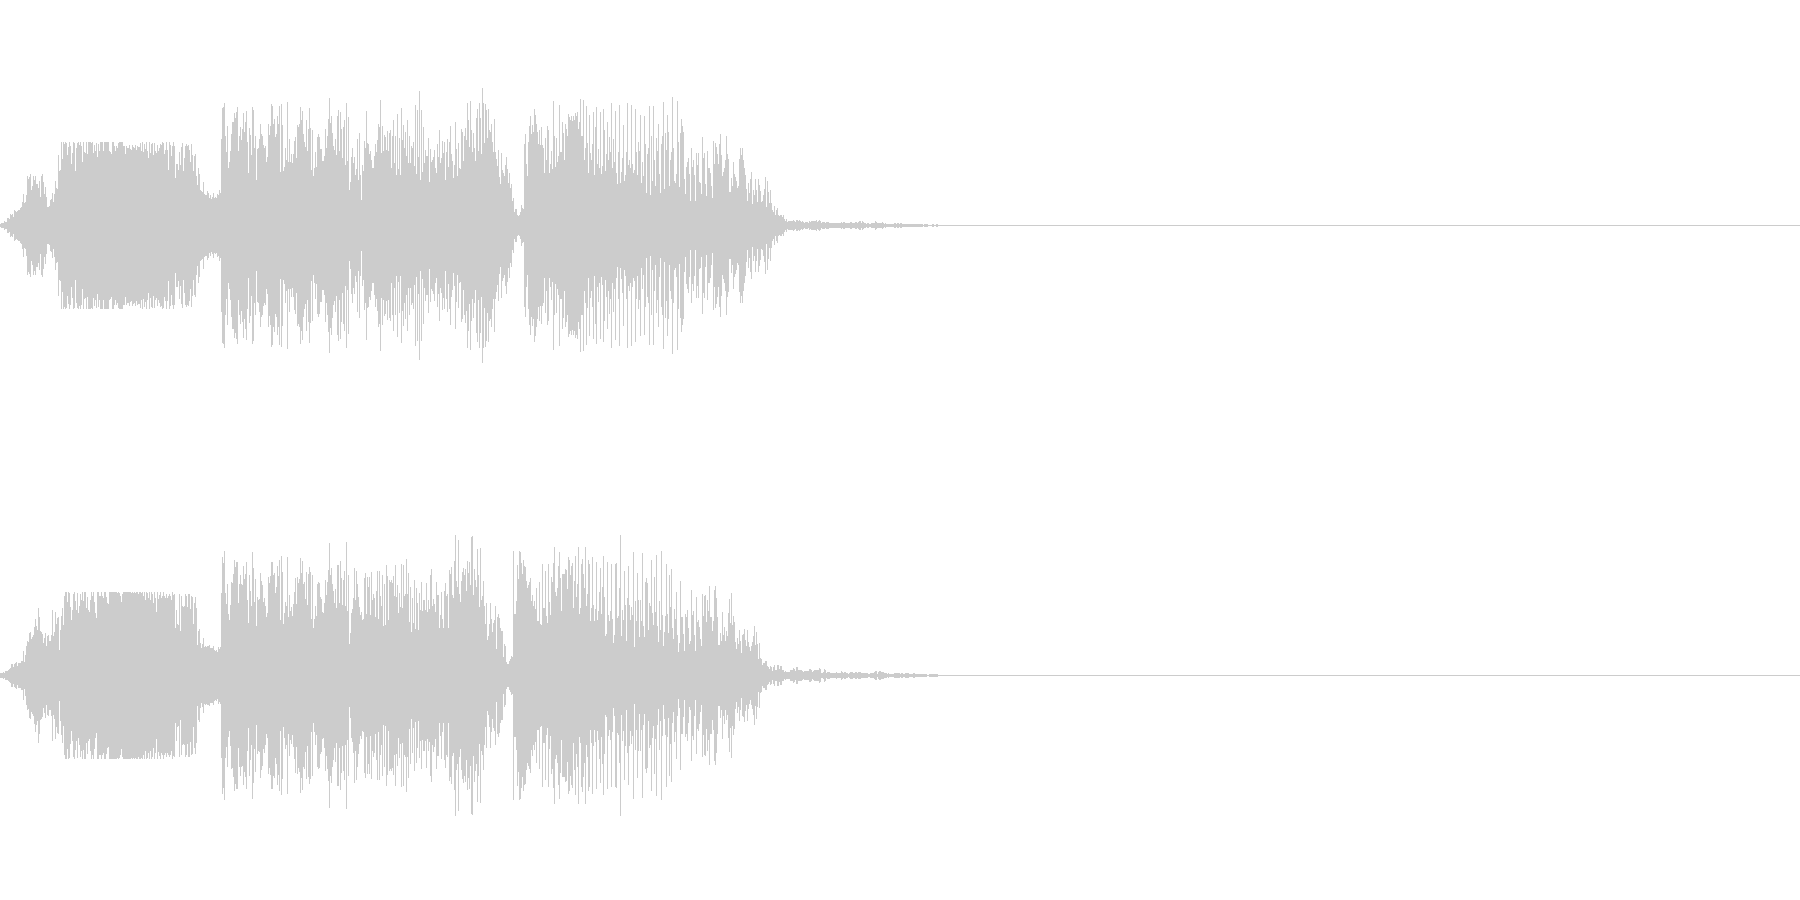 FMラジオパワープレイジングル の未再生の波形